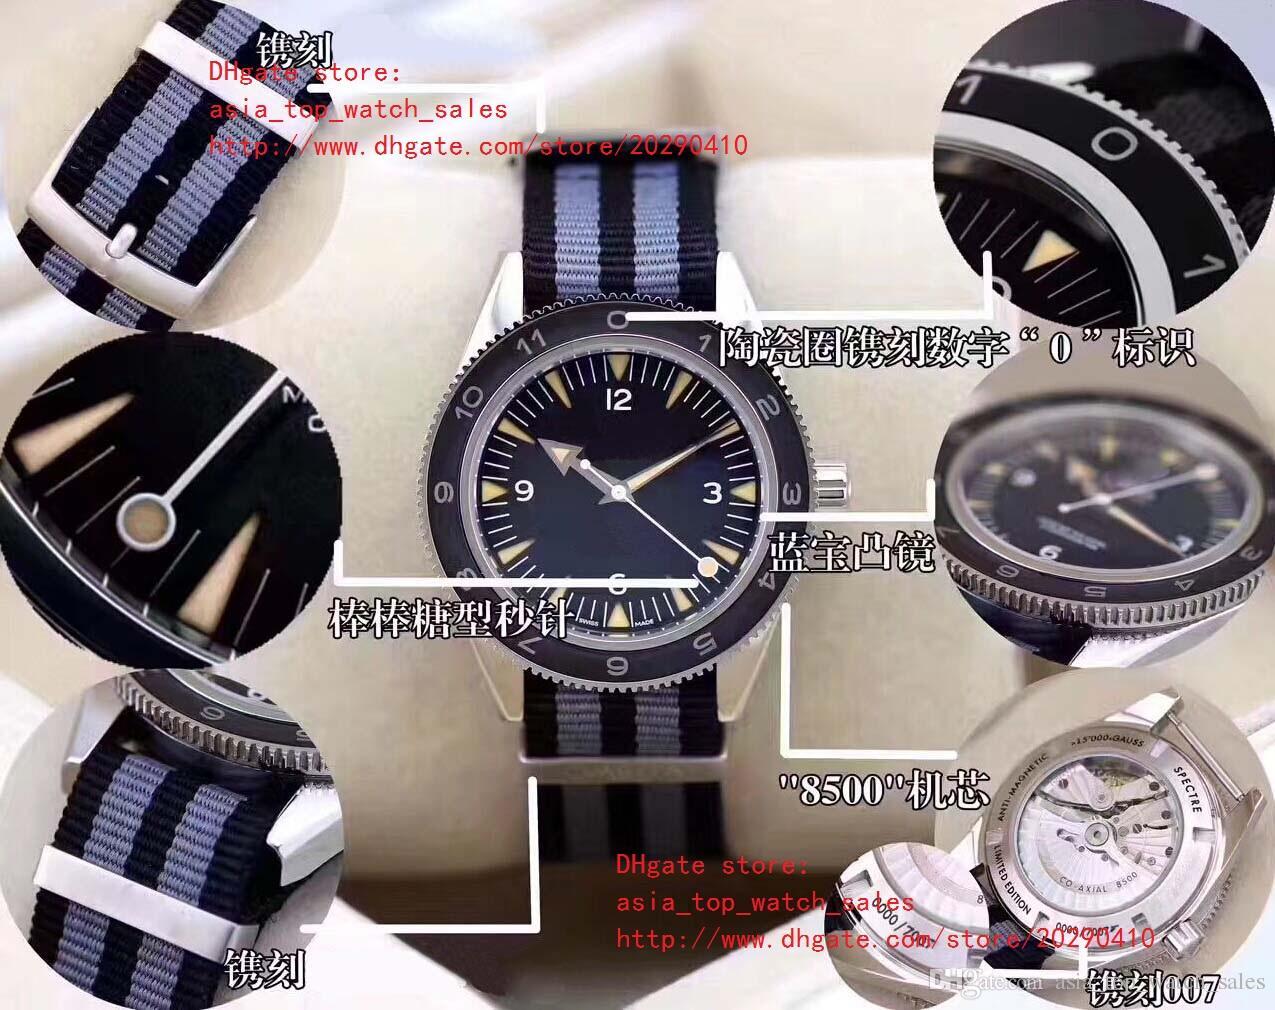 Lujo 41mm 233.30.41.21.01.001 James Bond Spectre 007 Mechanical Transparent 8500 Automatic mecánico Reloj para hombre